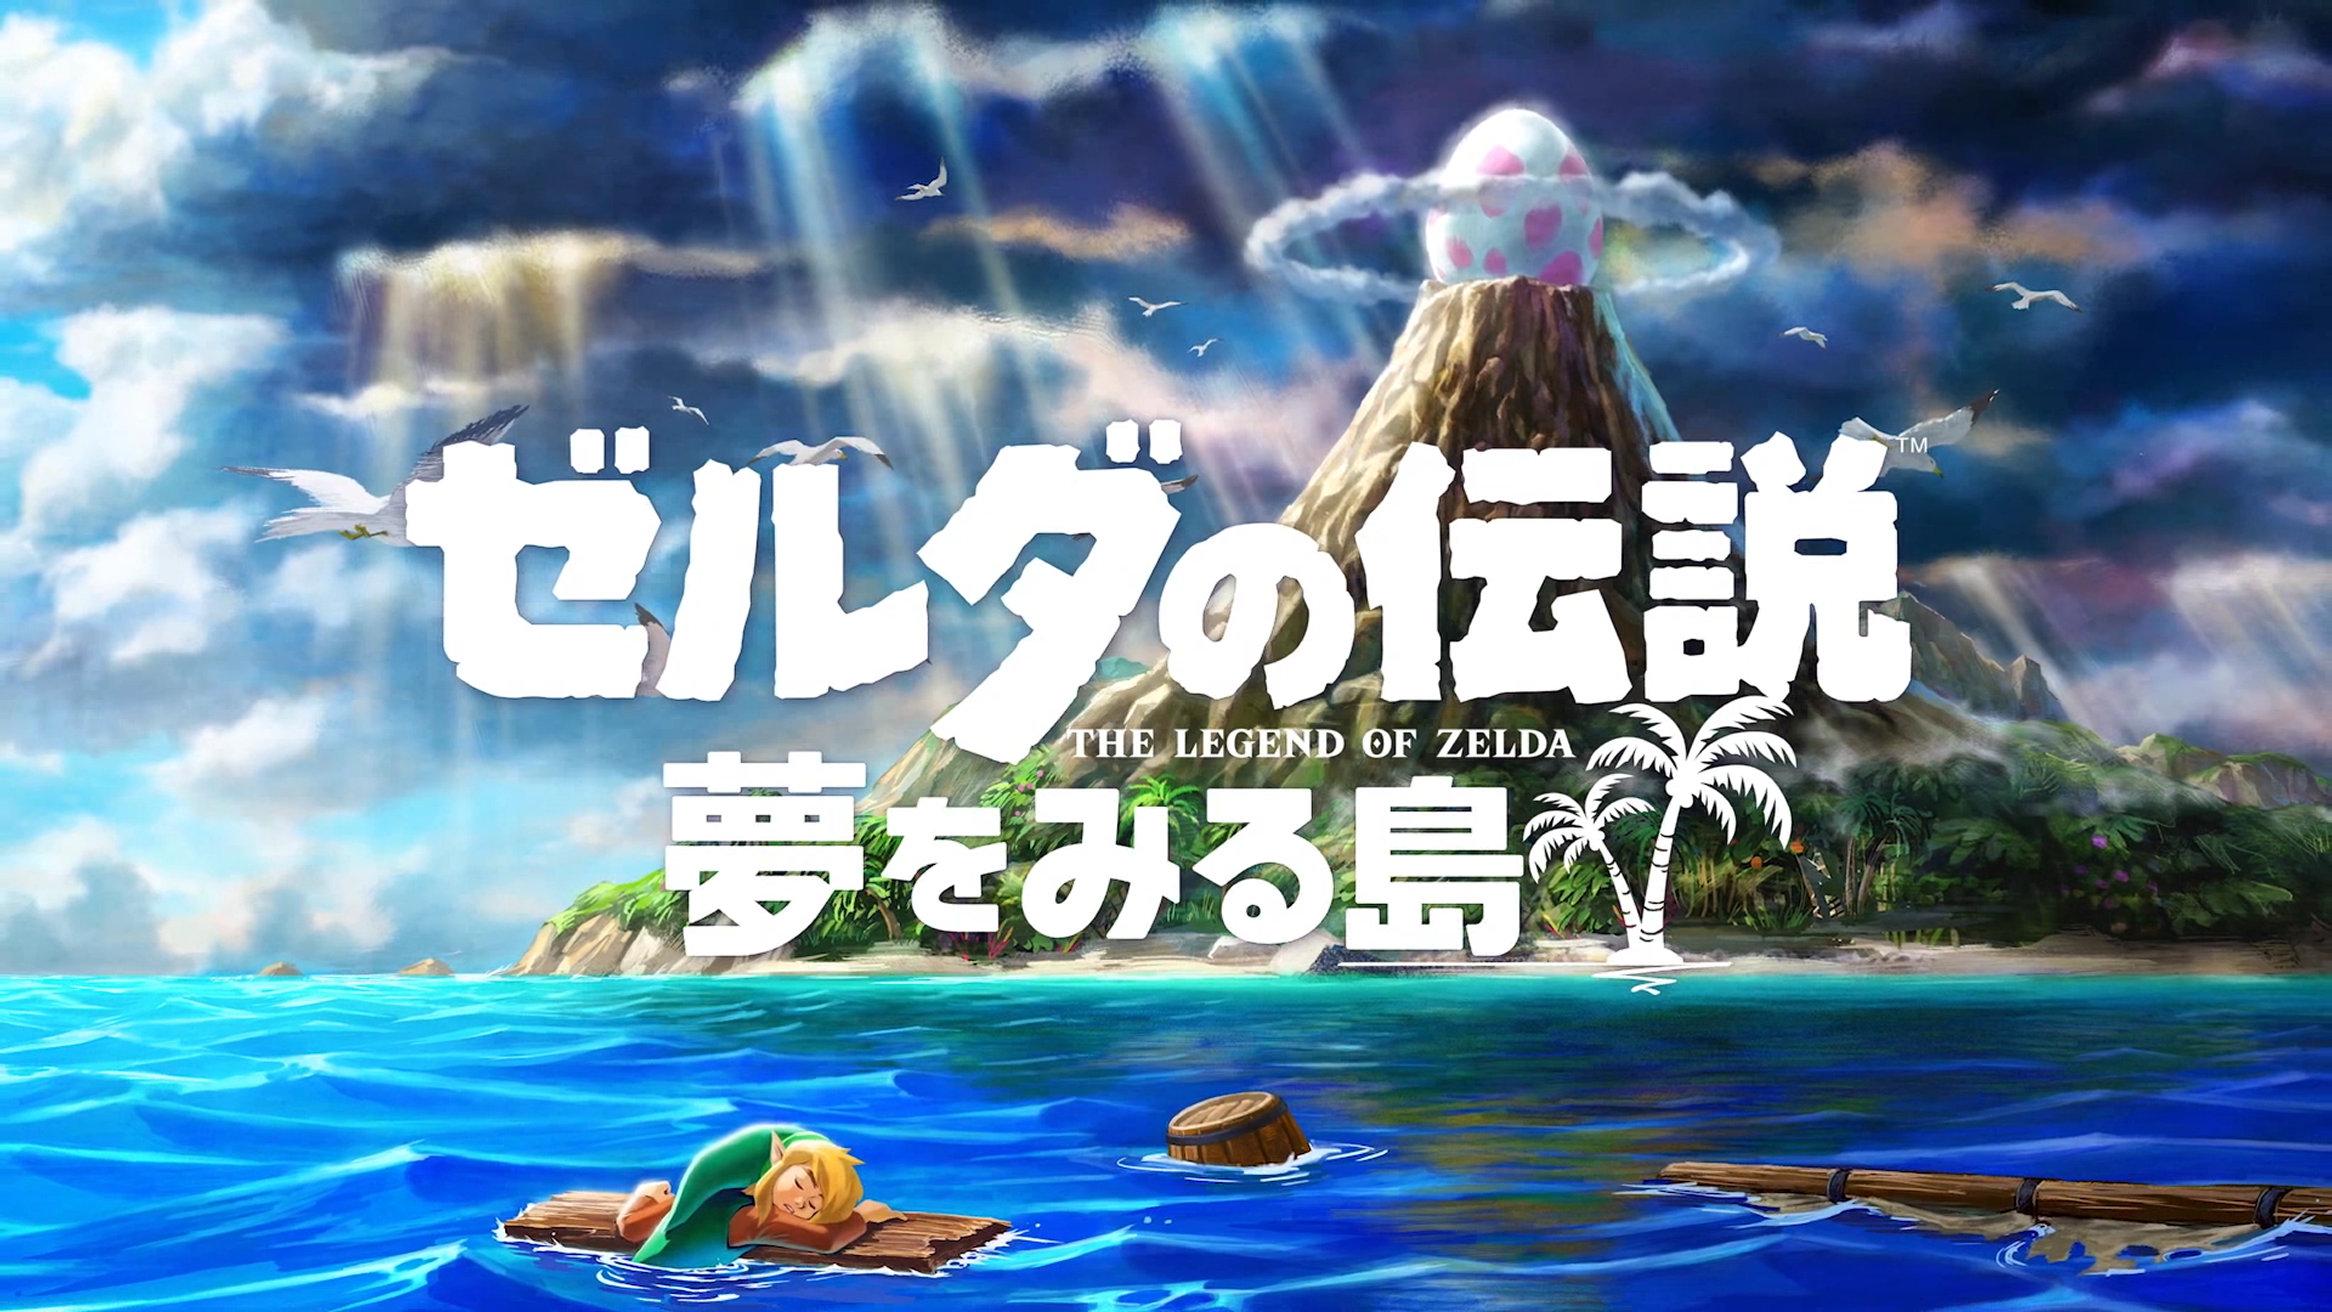 ゼルダの伝説 夢をみる島、発売日。予約も開始